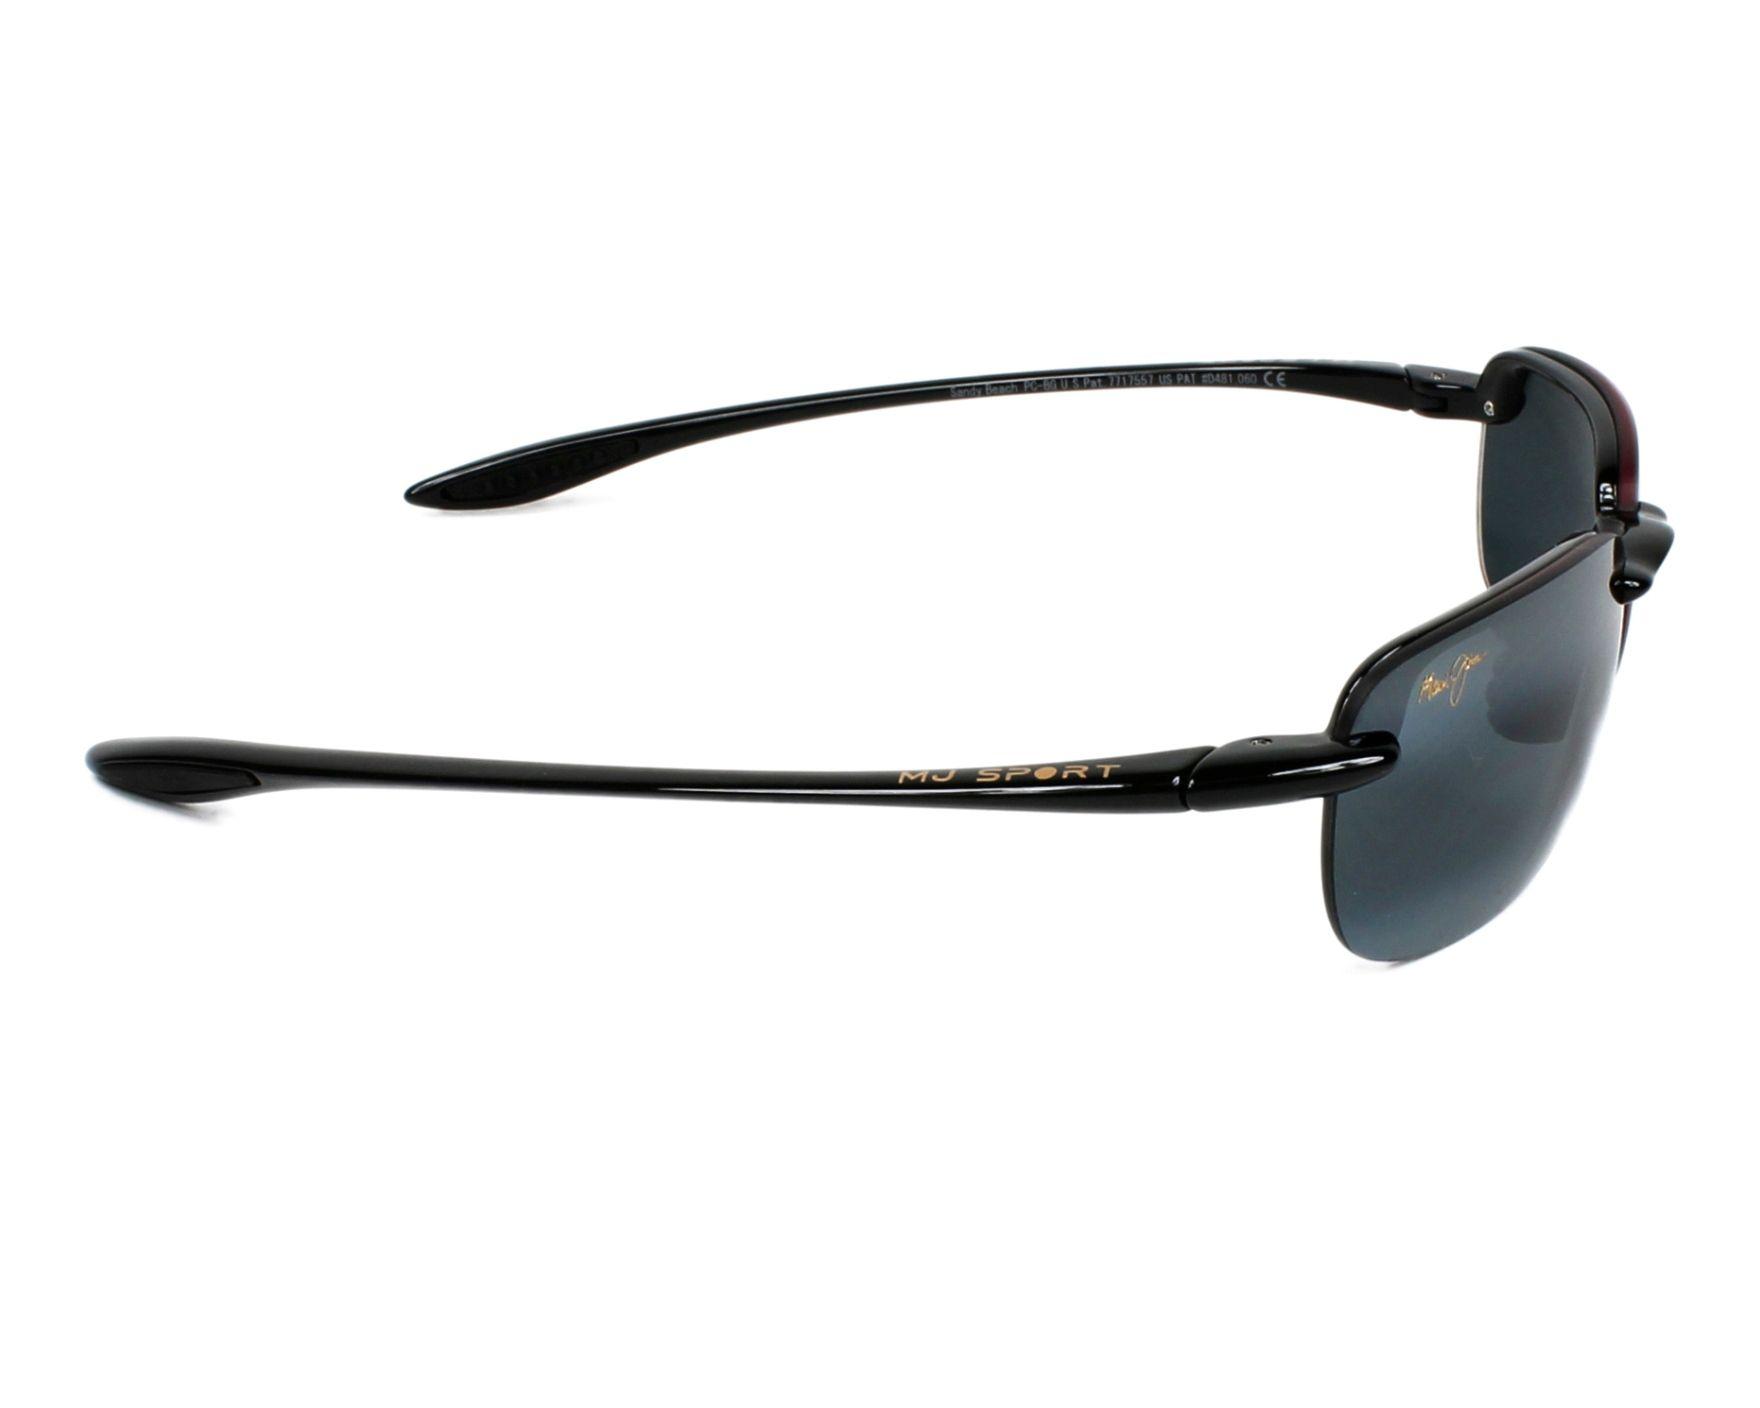 0f9519a510 Gafas de sol Maui Jim 408 02 56-15 Negra vista lateral